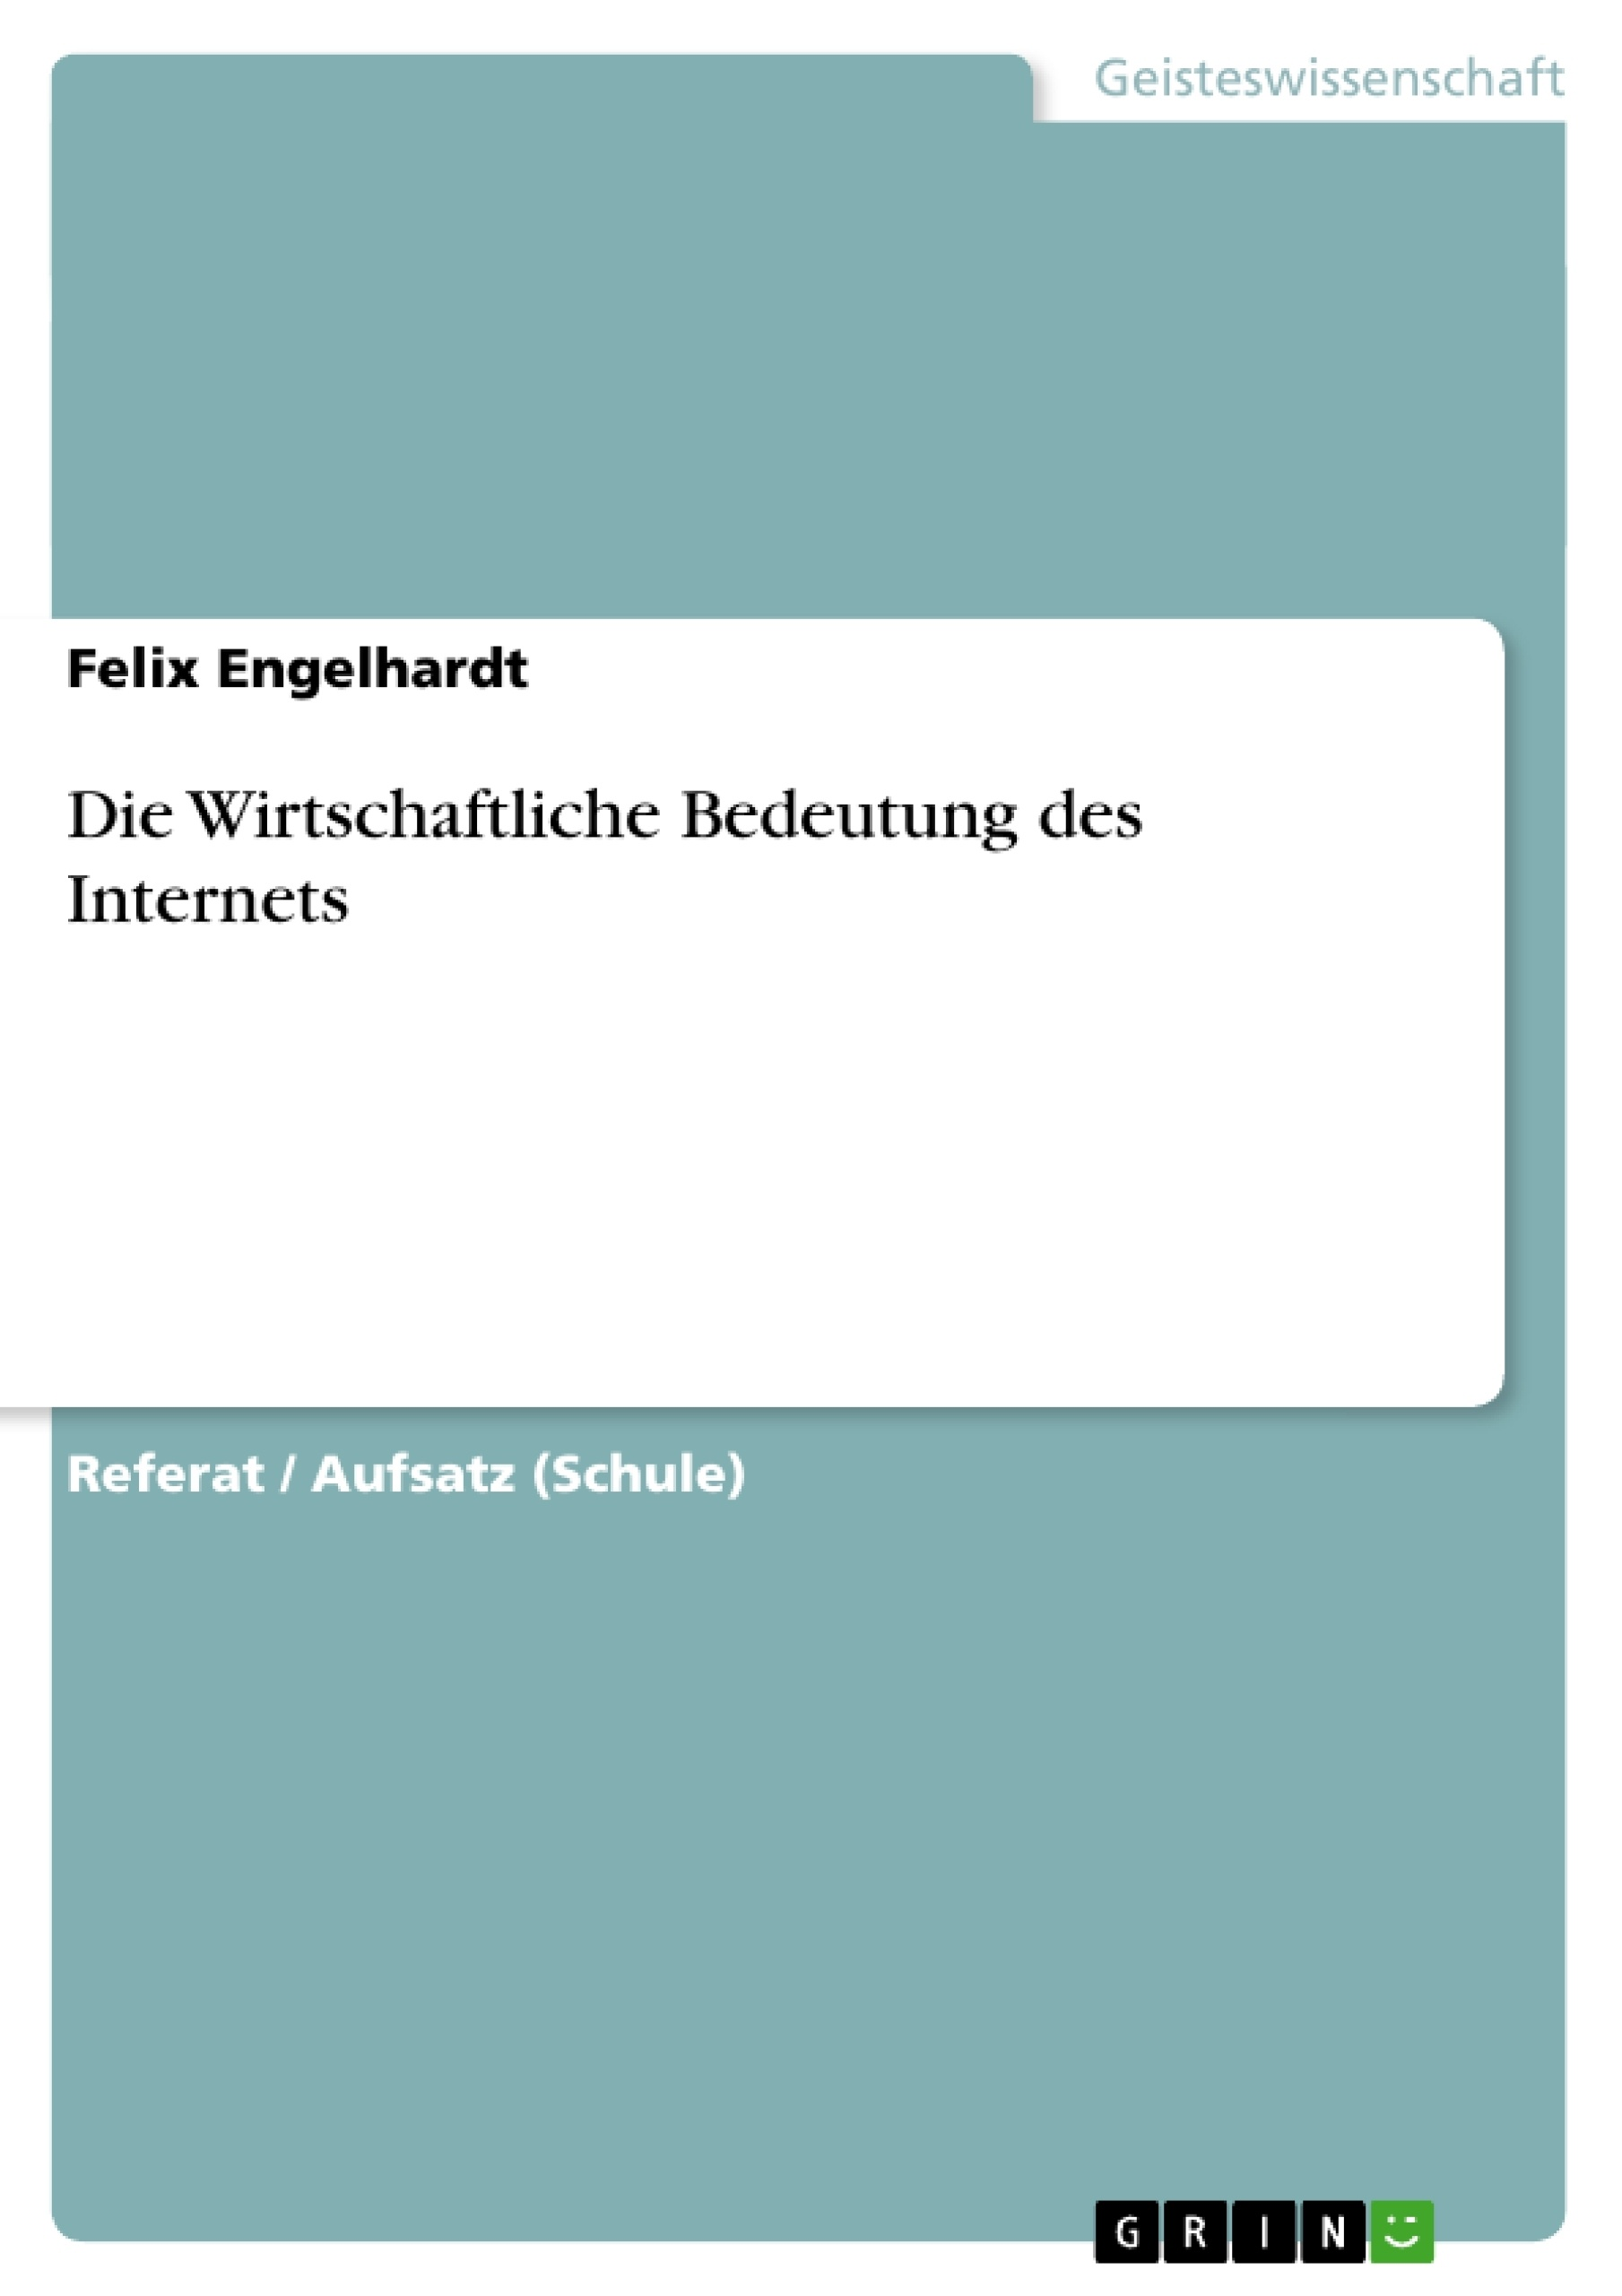 Titel: Die Wirtschaftliche Bedeutung des Internets